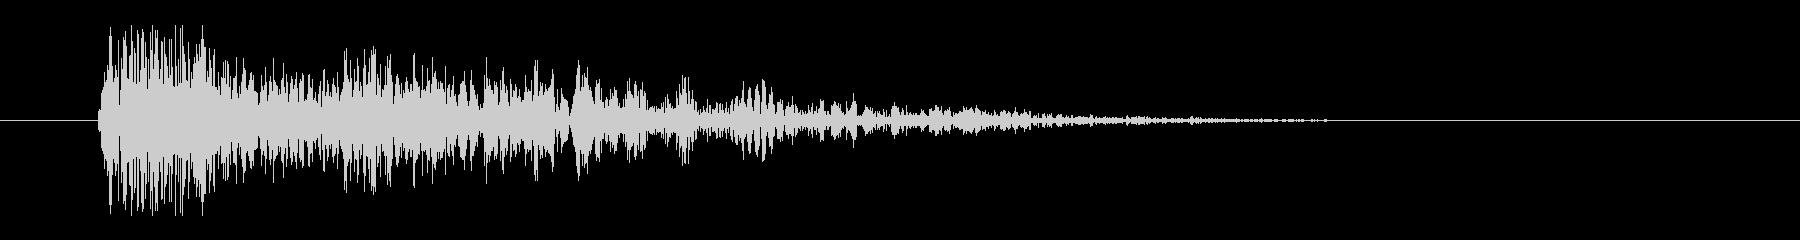 レーザー音-23-3の未再生の波形